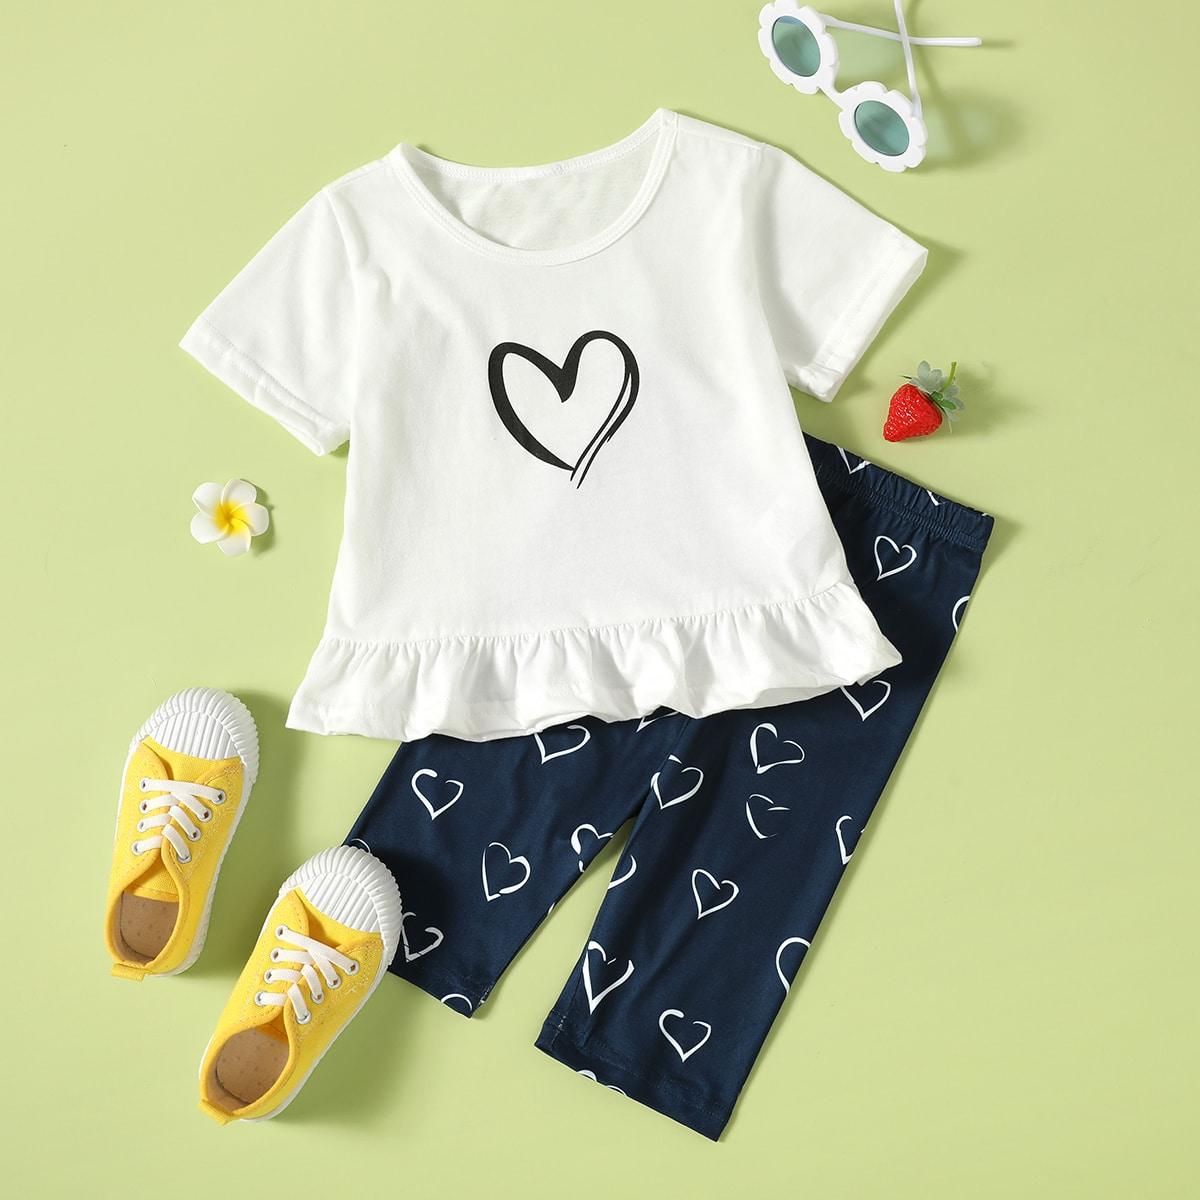 Пижама с оборкой и принтом сердечка для девочек